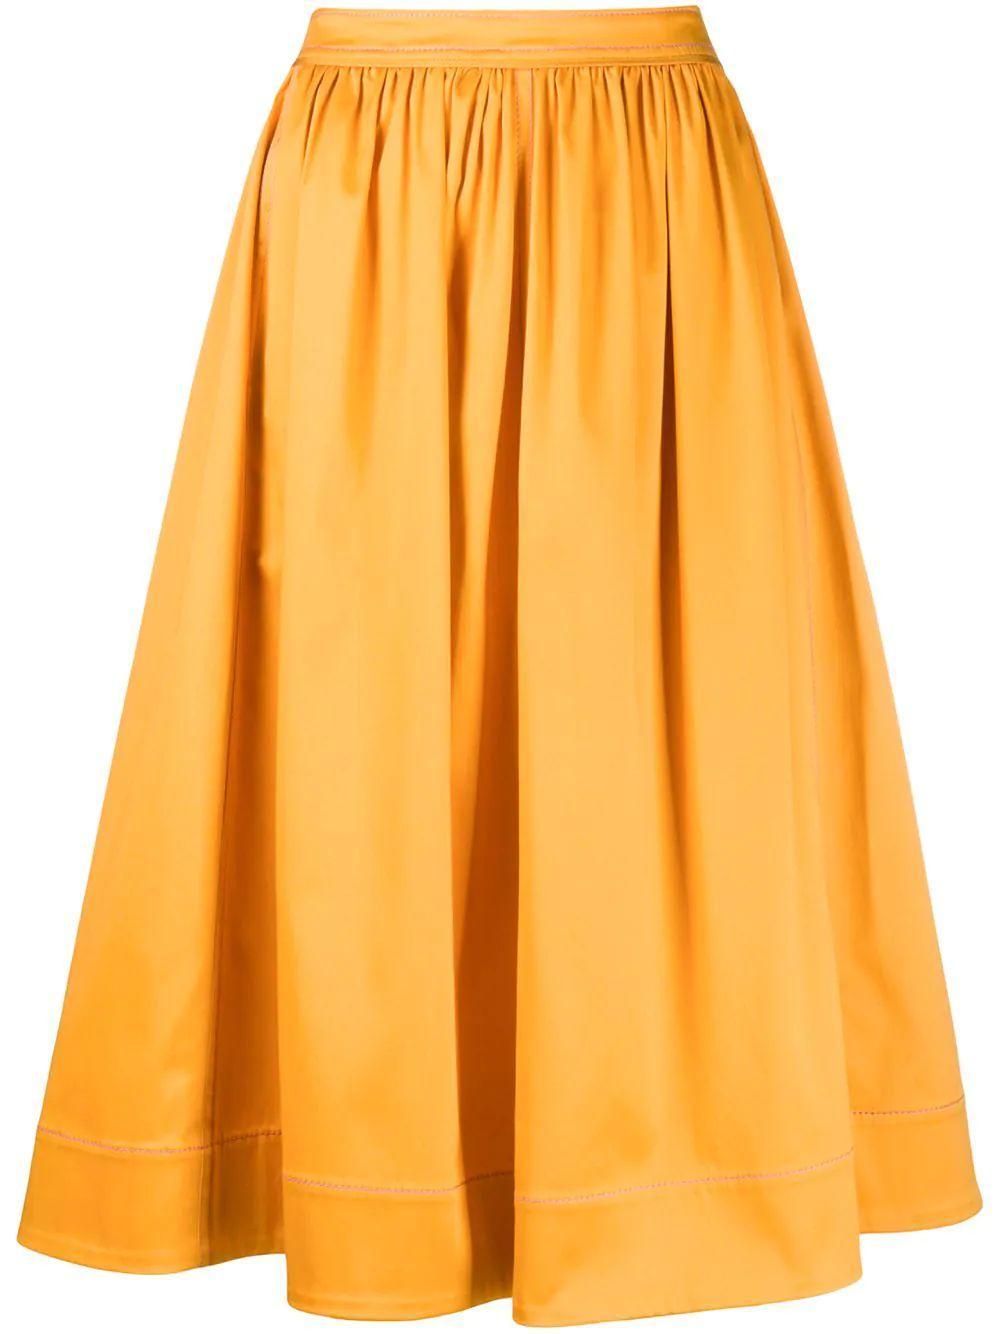 Eliza Stretch Cotton Midi Skirt Item # 16SZ7049-SORTLAND